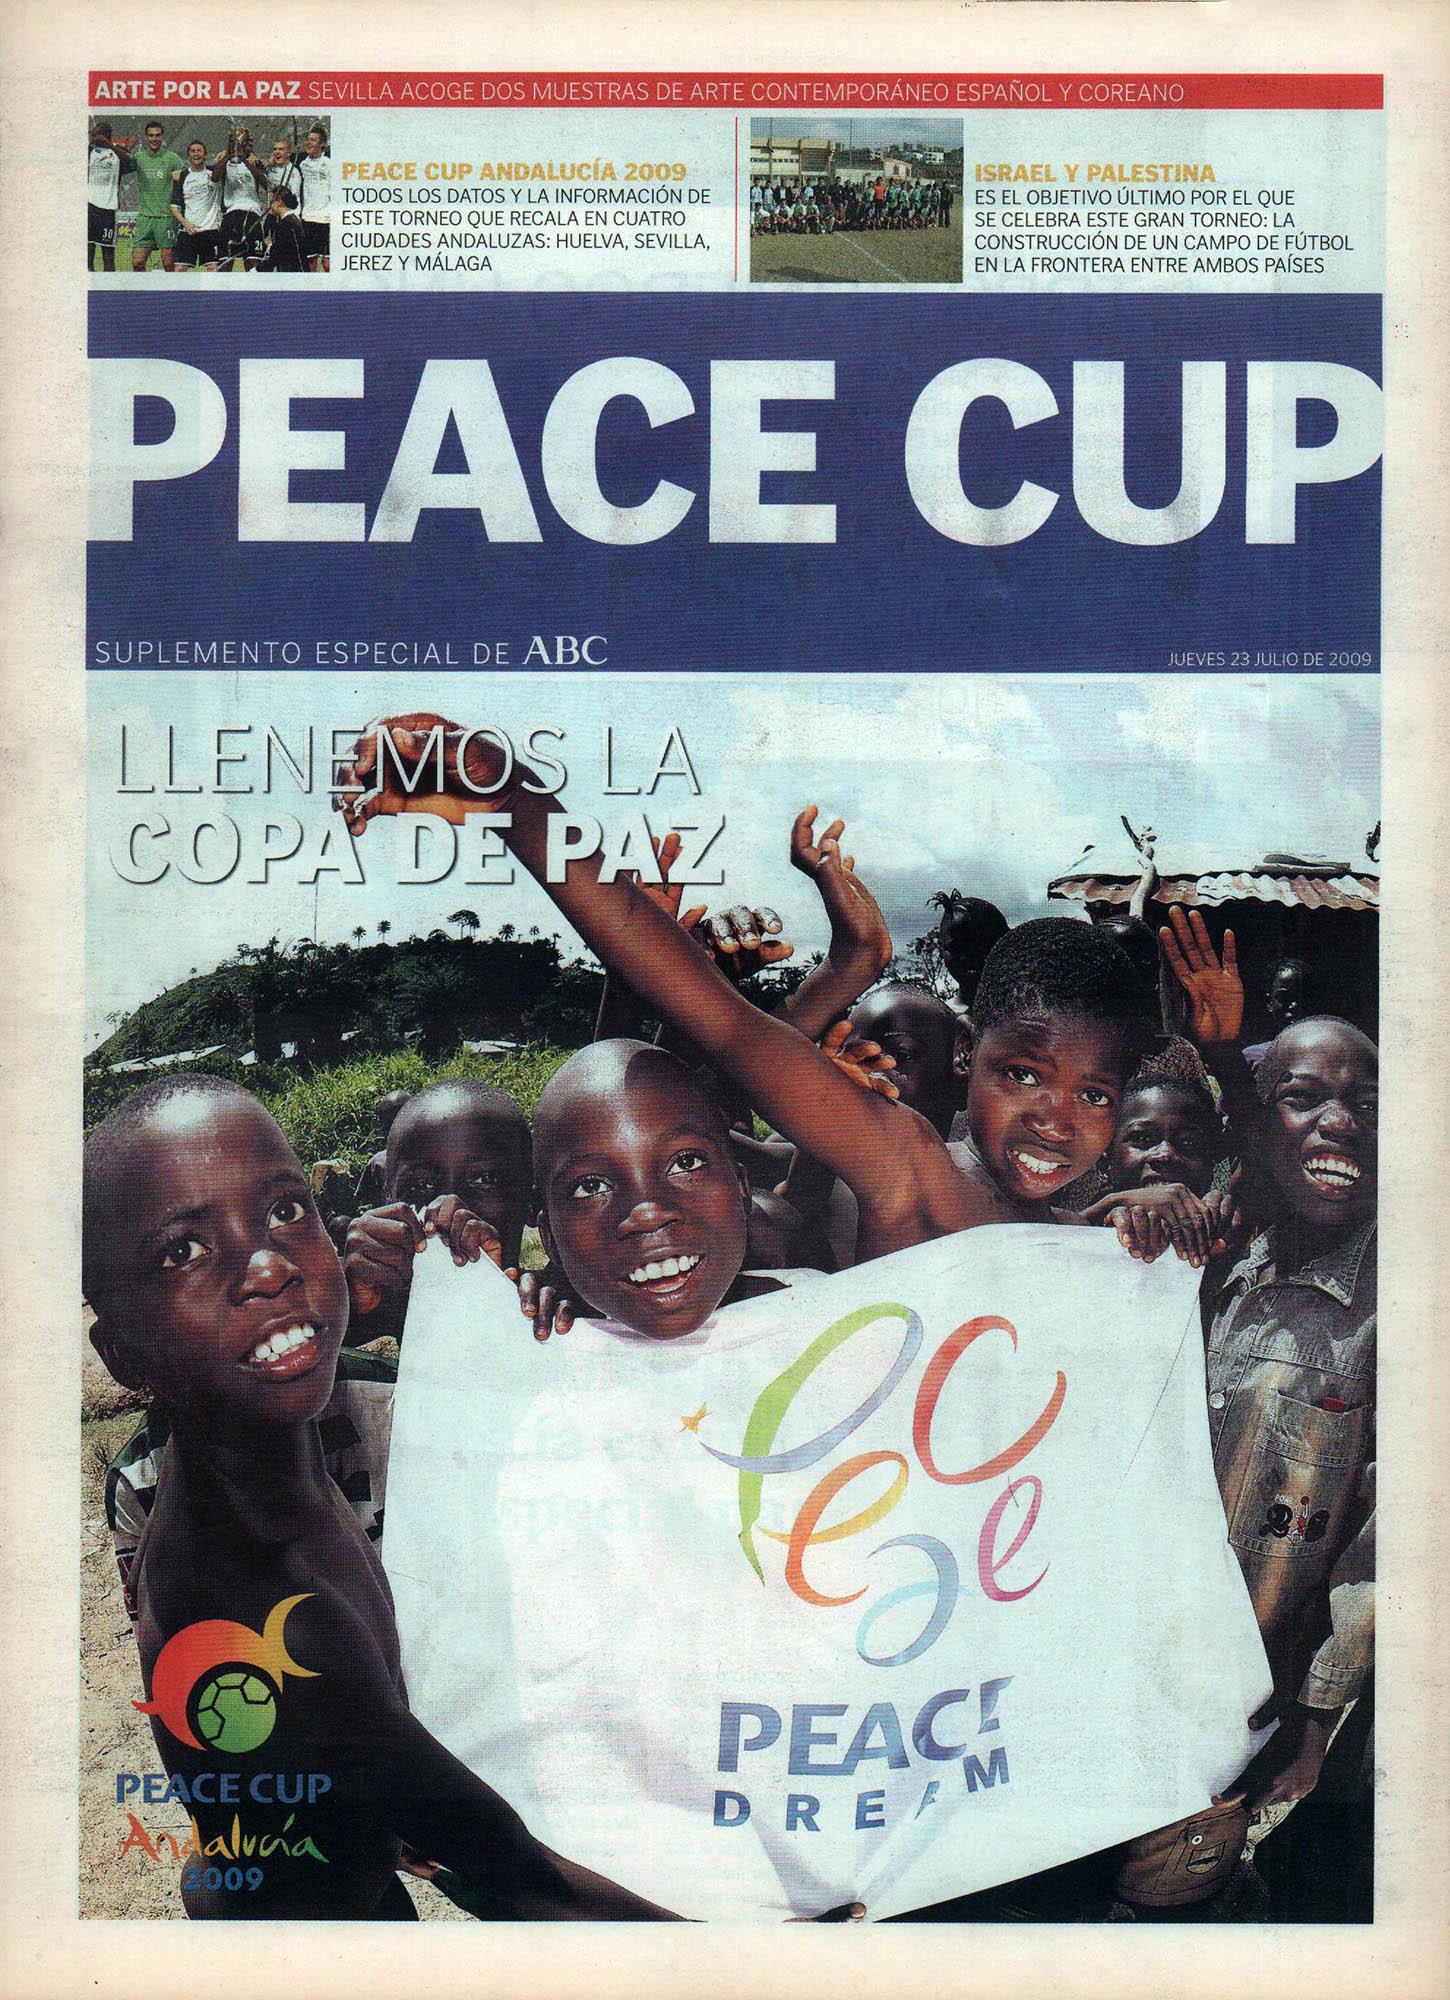 Peace Cup | Suplemento especial – ABC de Sevilla | 23 jul 2009